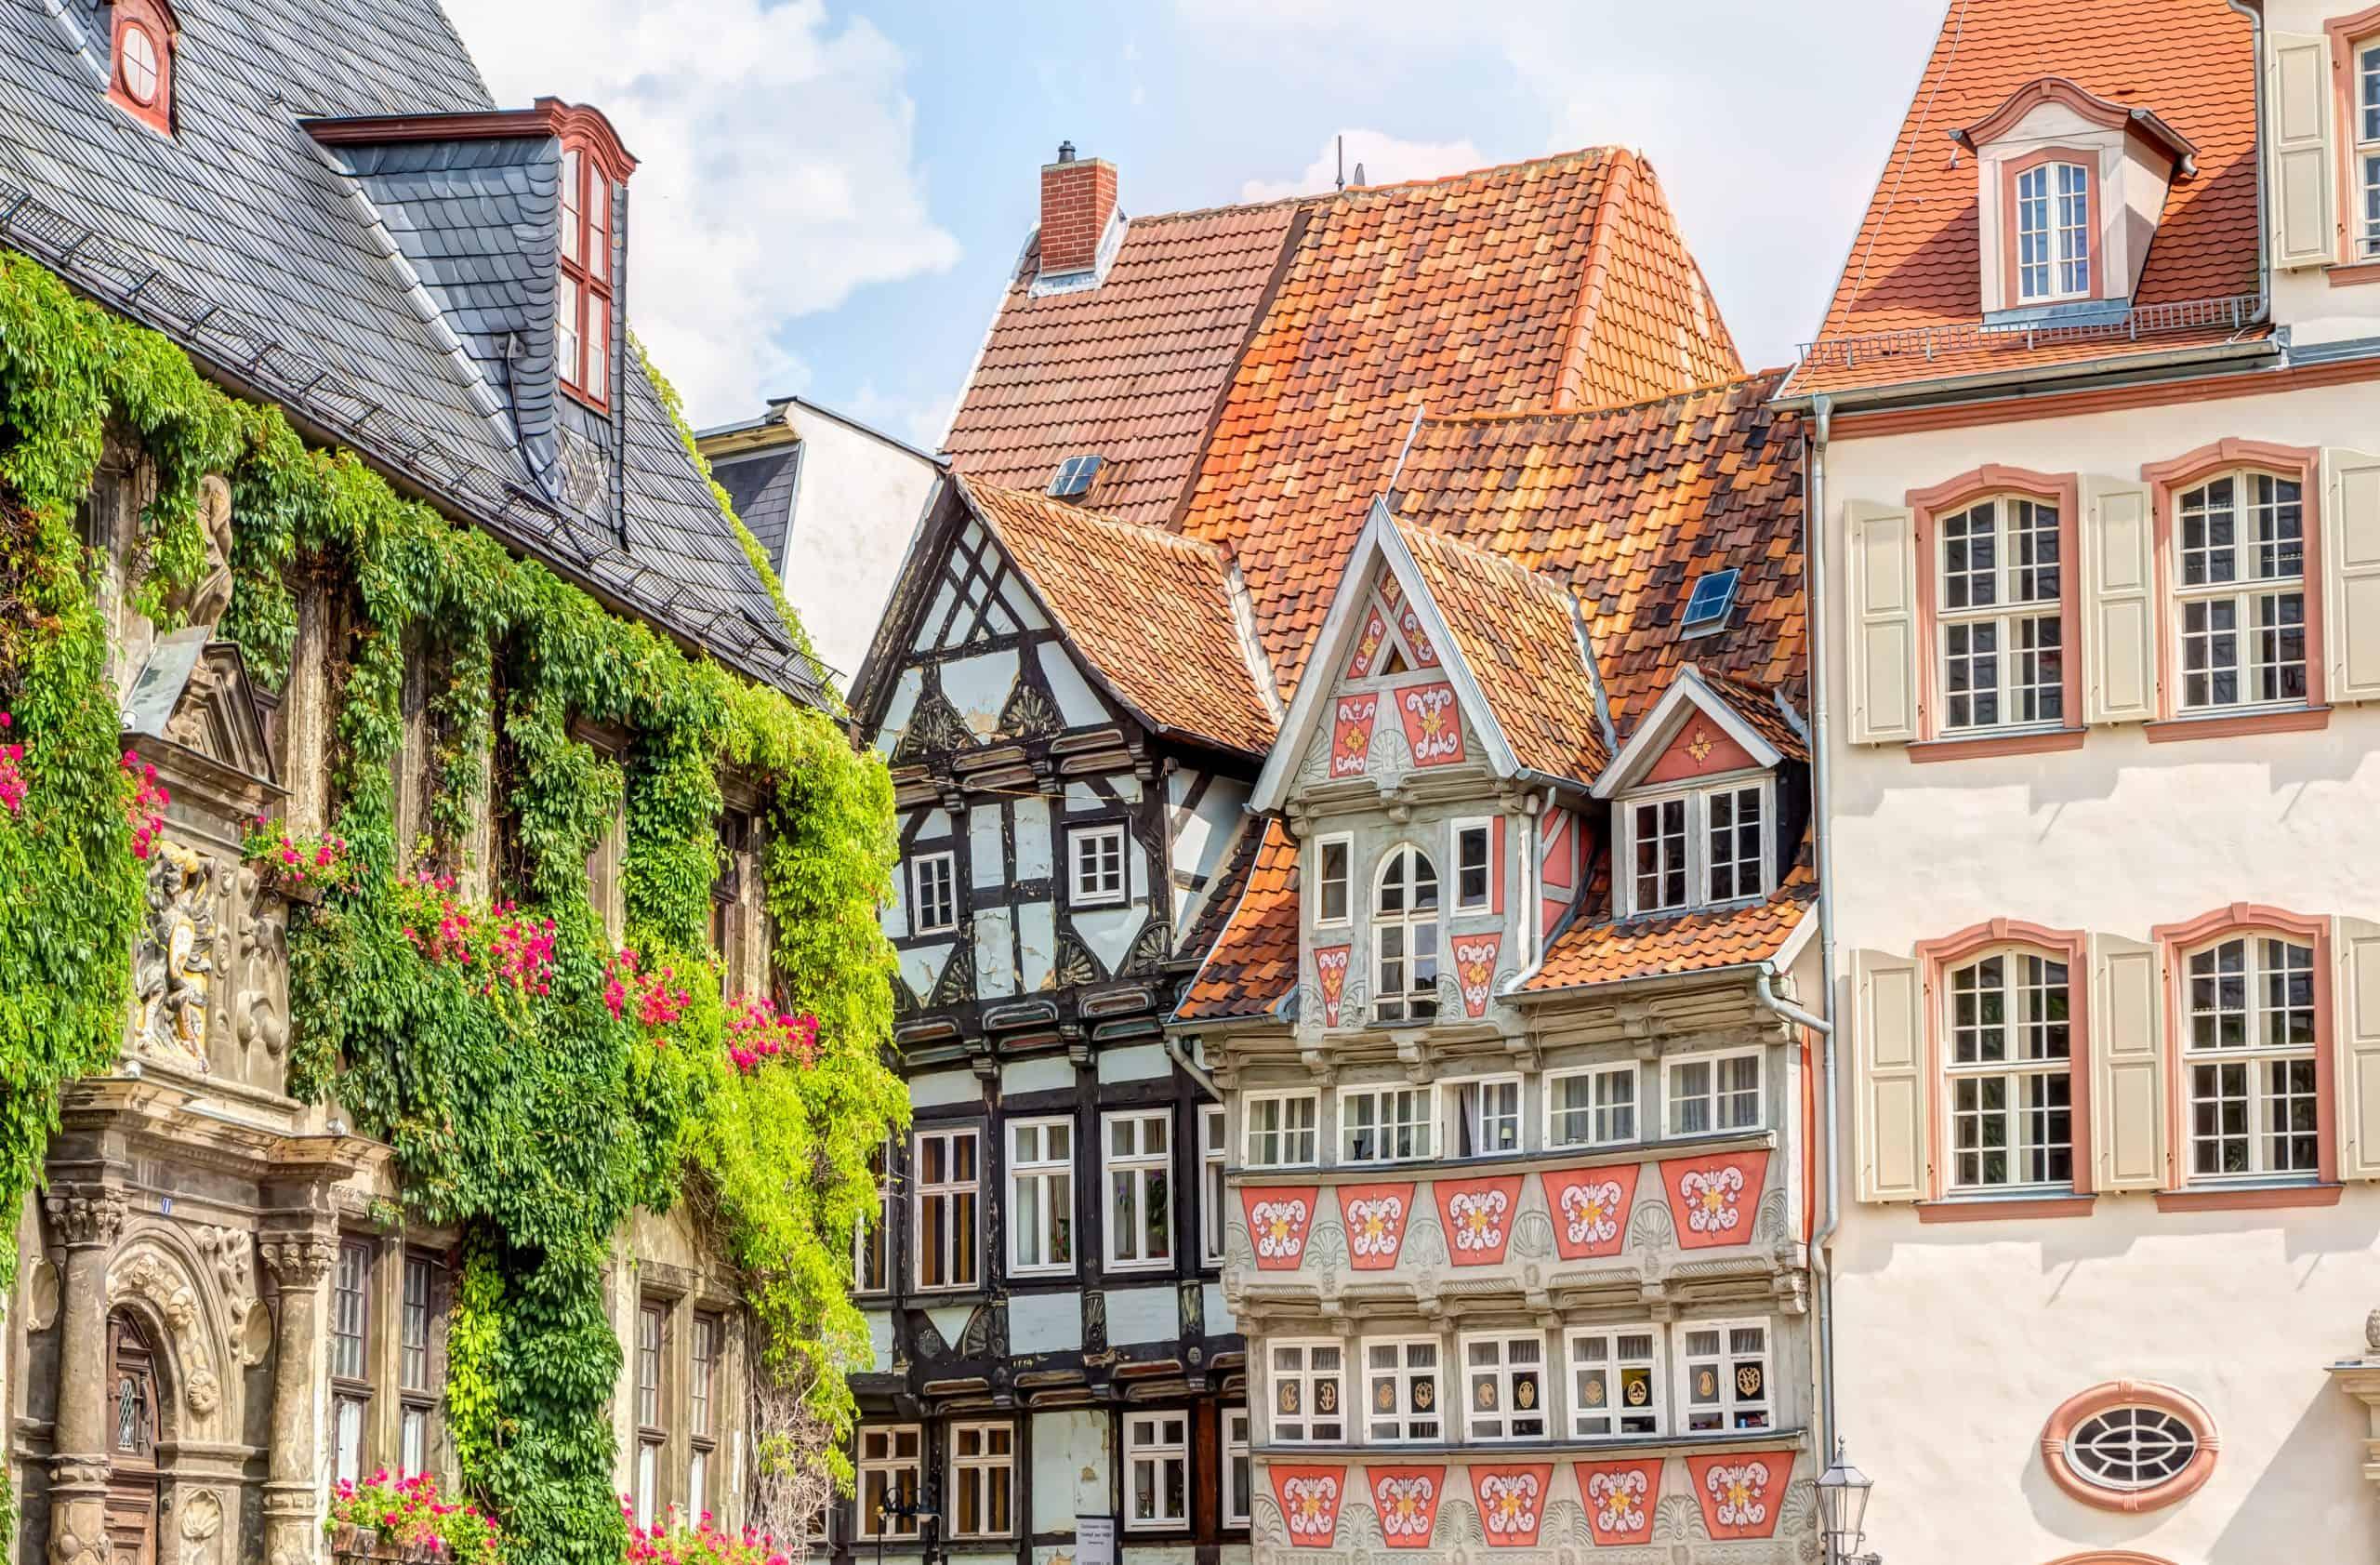 vakwerkhuizen in Quedlinburg, Duitsland